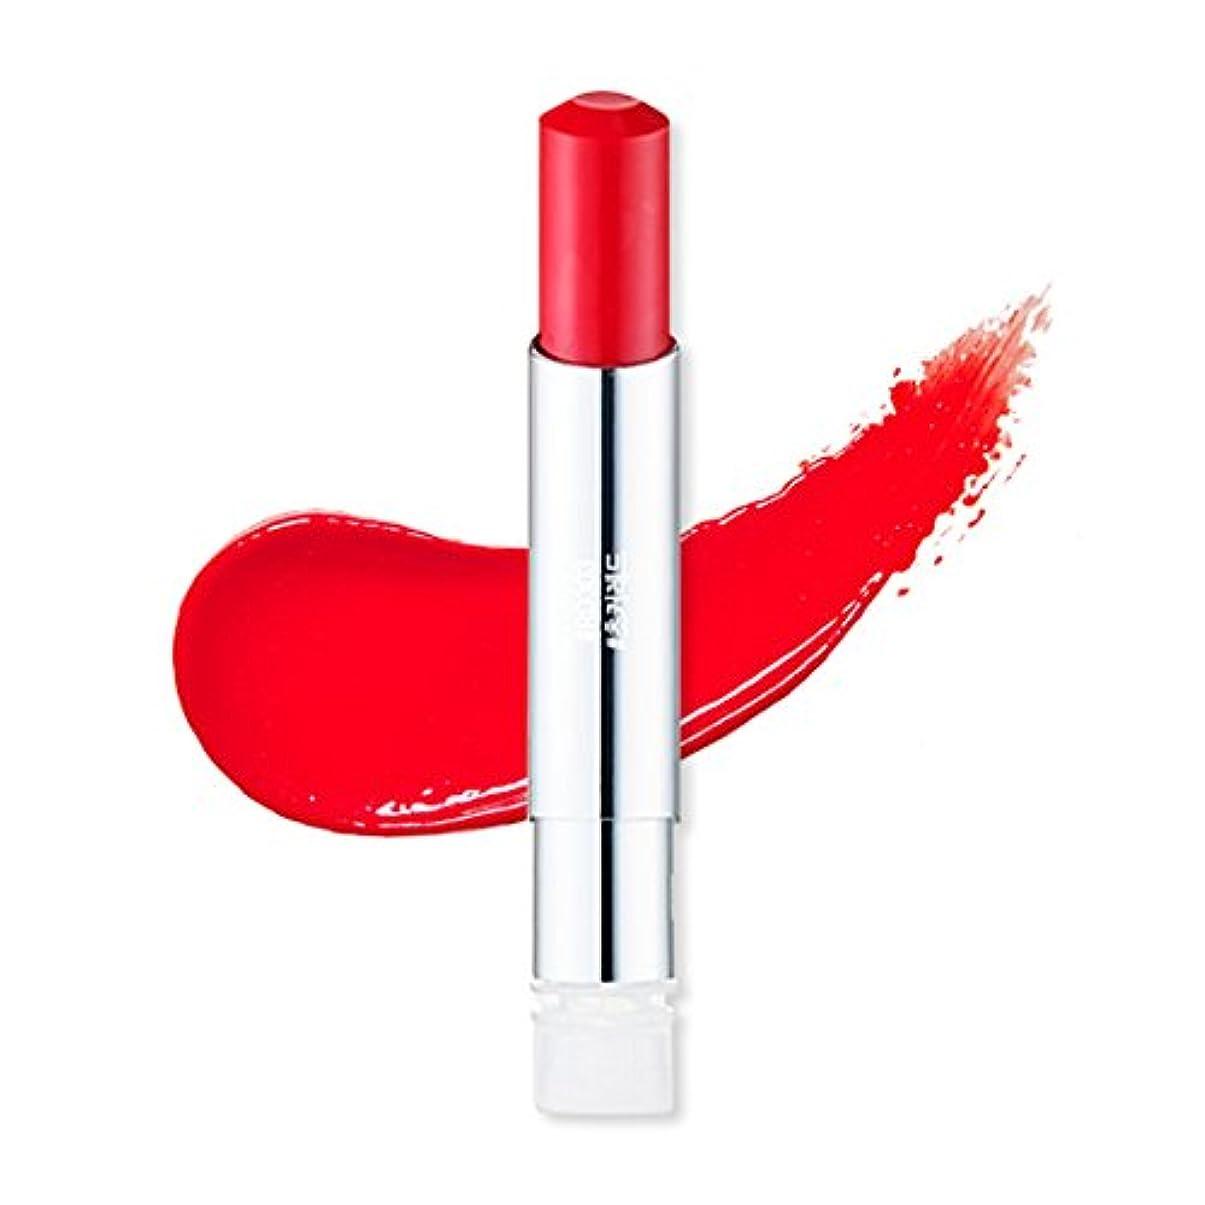 スラッシュティーム何でもEtude House Glass Tinting Lips Talk #RD303 エチュードハウスグラスチンチンリップトーク #RD303 [並行輸入品]